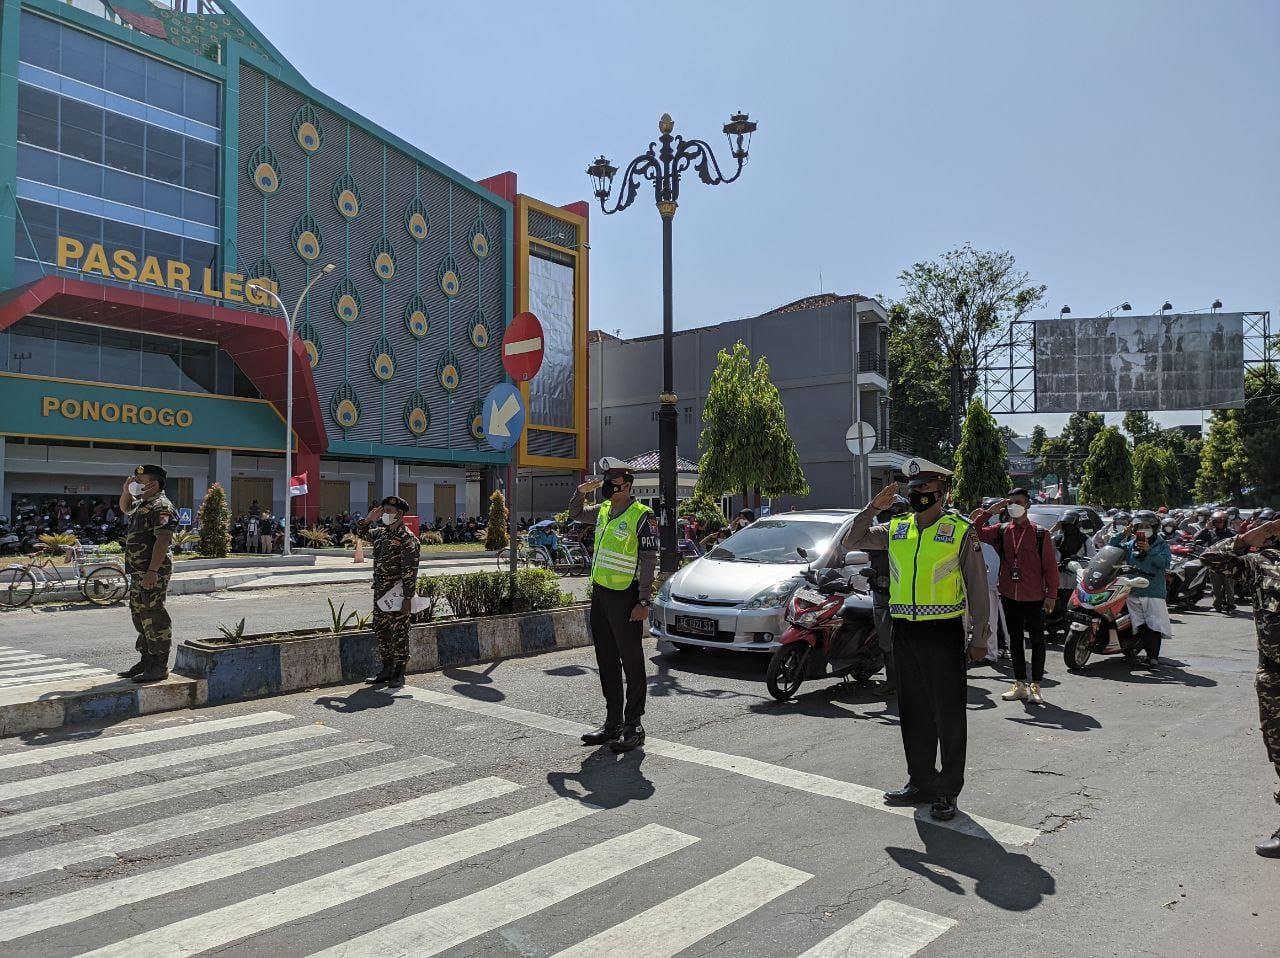 2 Polisi bersama Banser memberi penghormatan kepada bendera merah putih diikuti para pengguna jalan